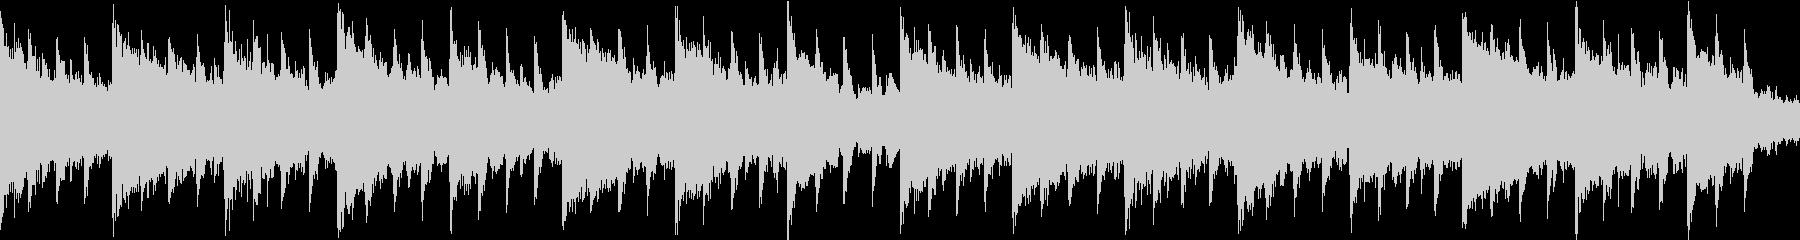 キラキラかわいいベルピアノバラードの未再生の波形